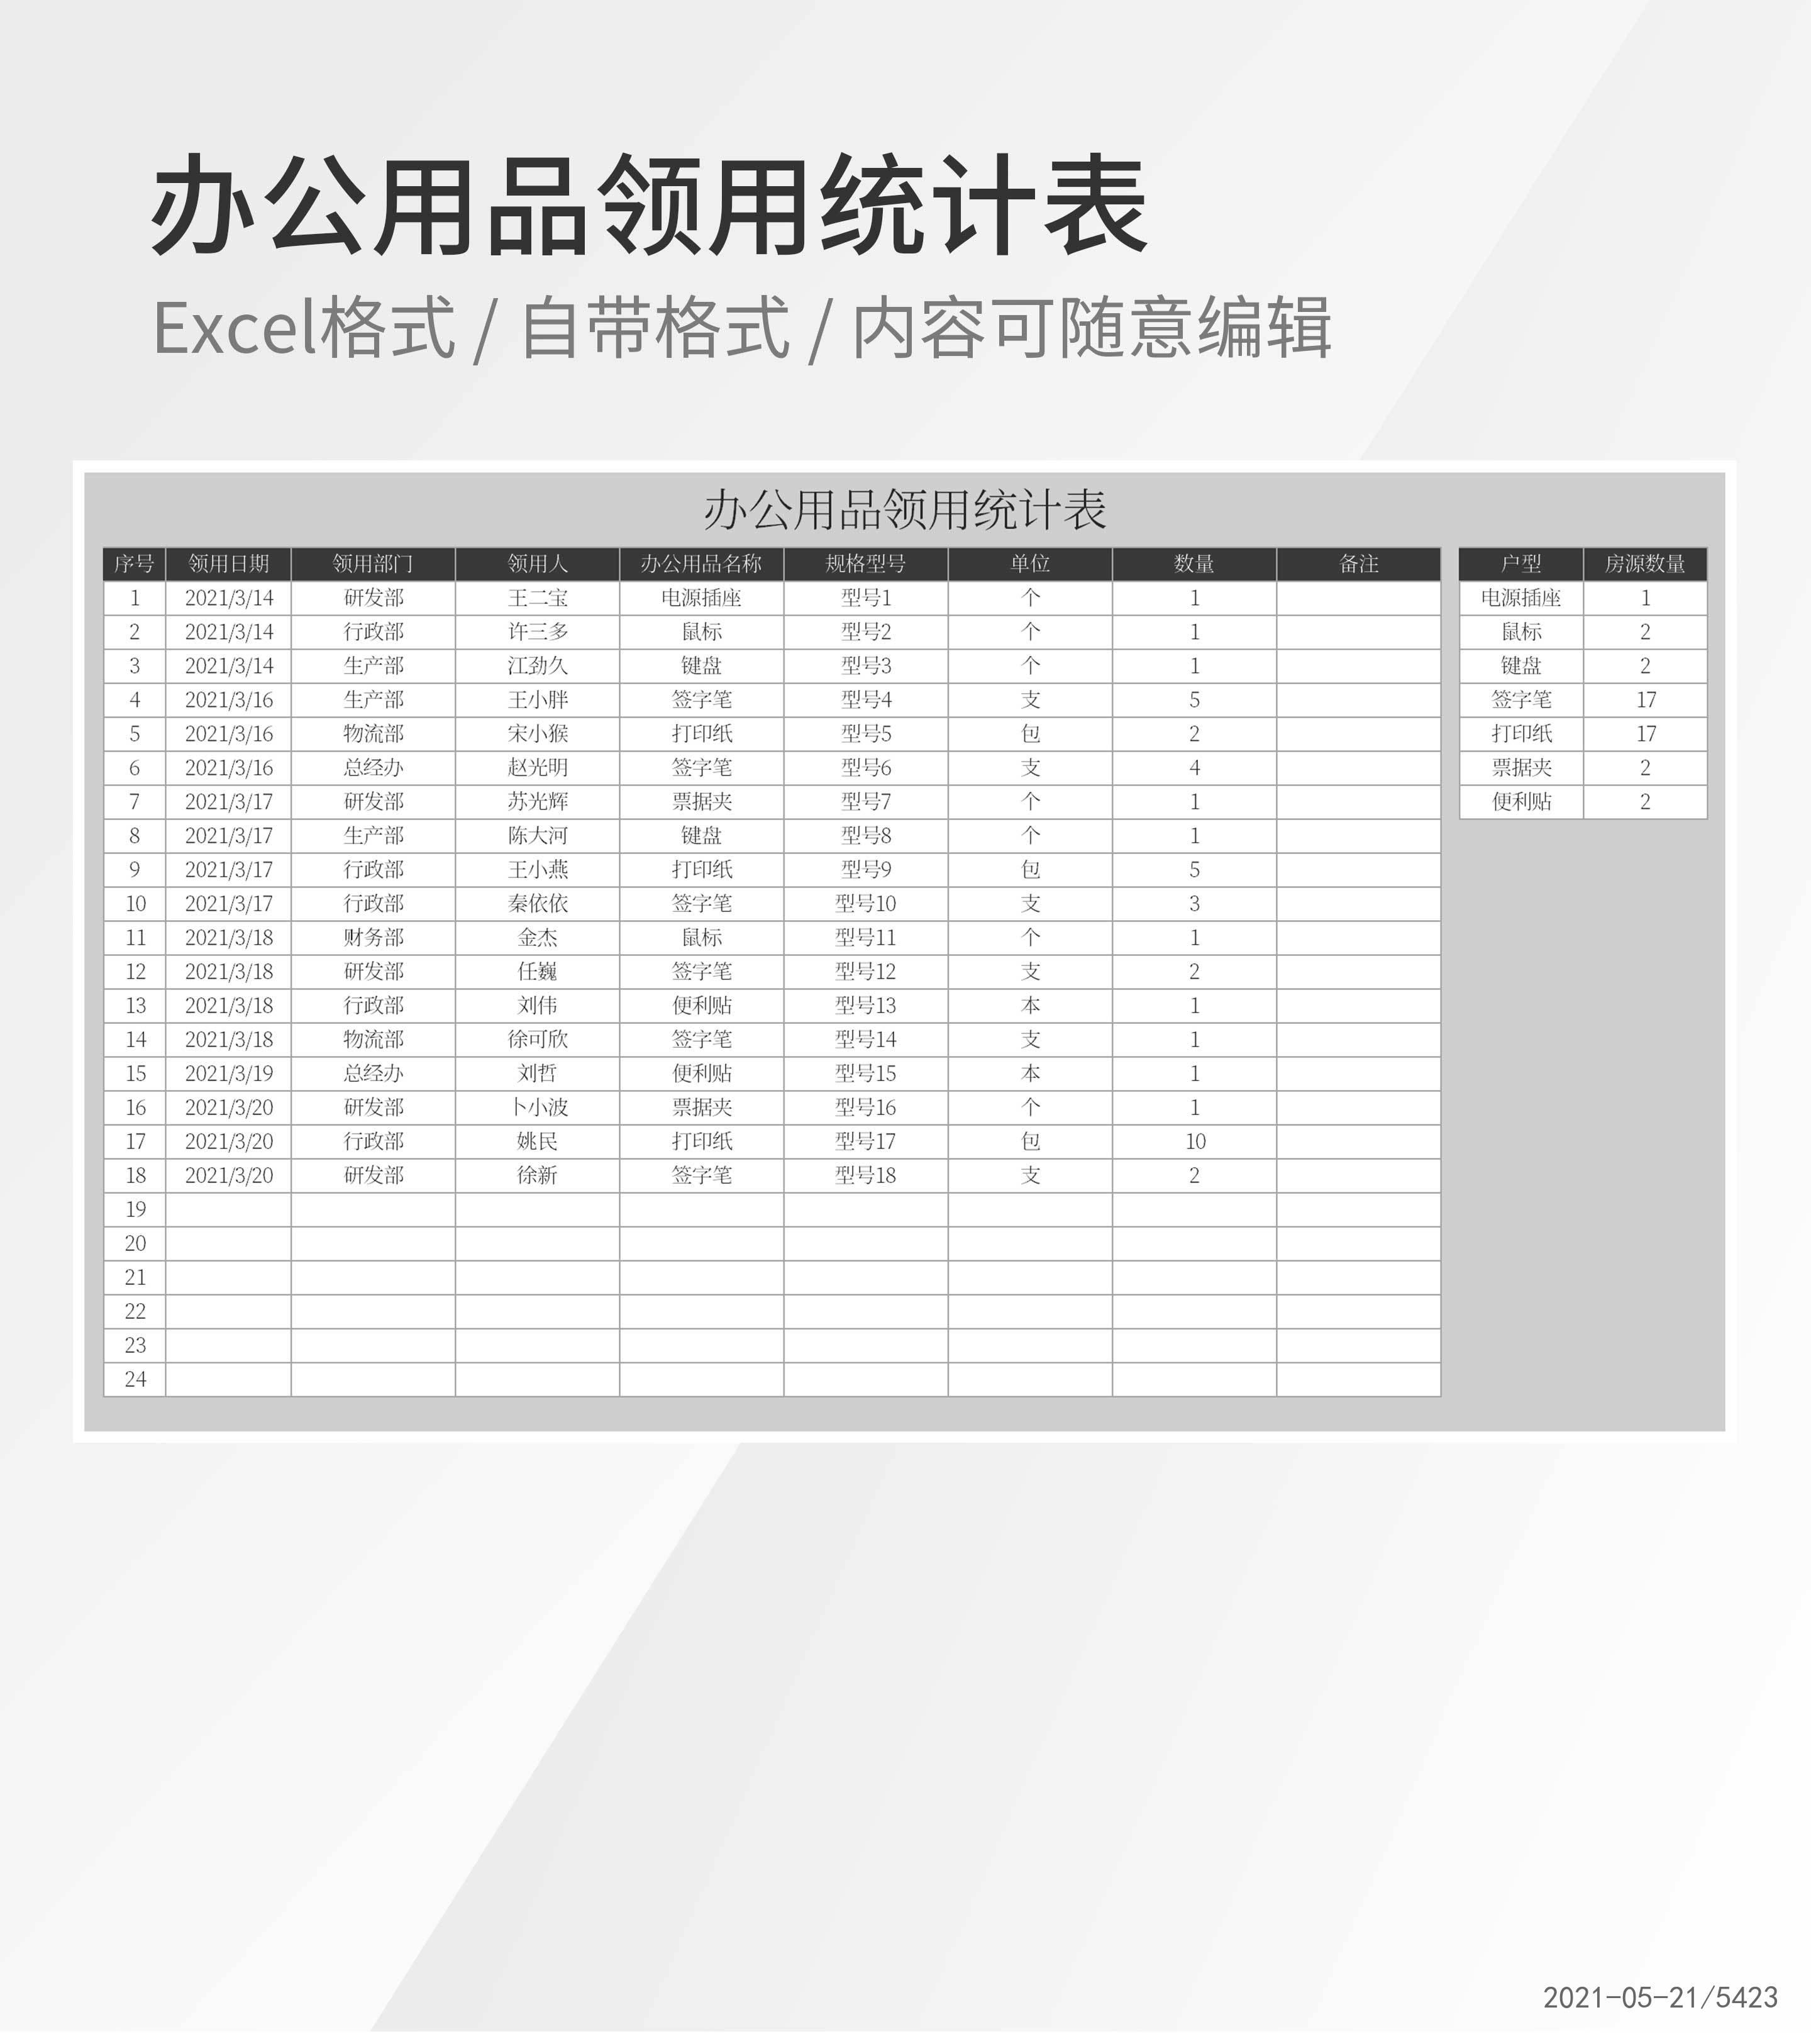 公司办公用品领用统计表Excel模板